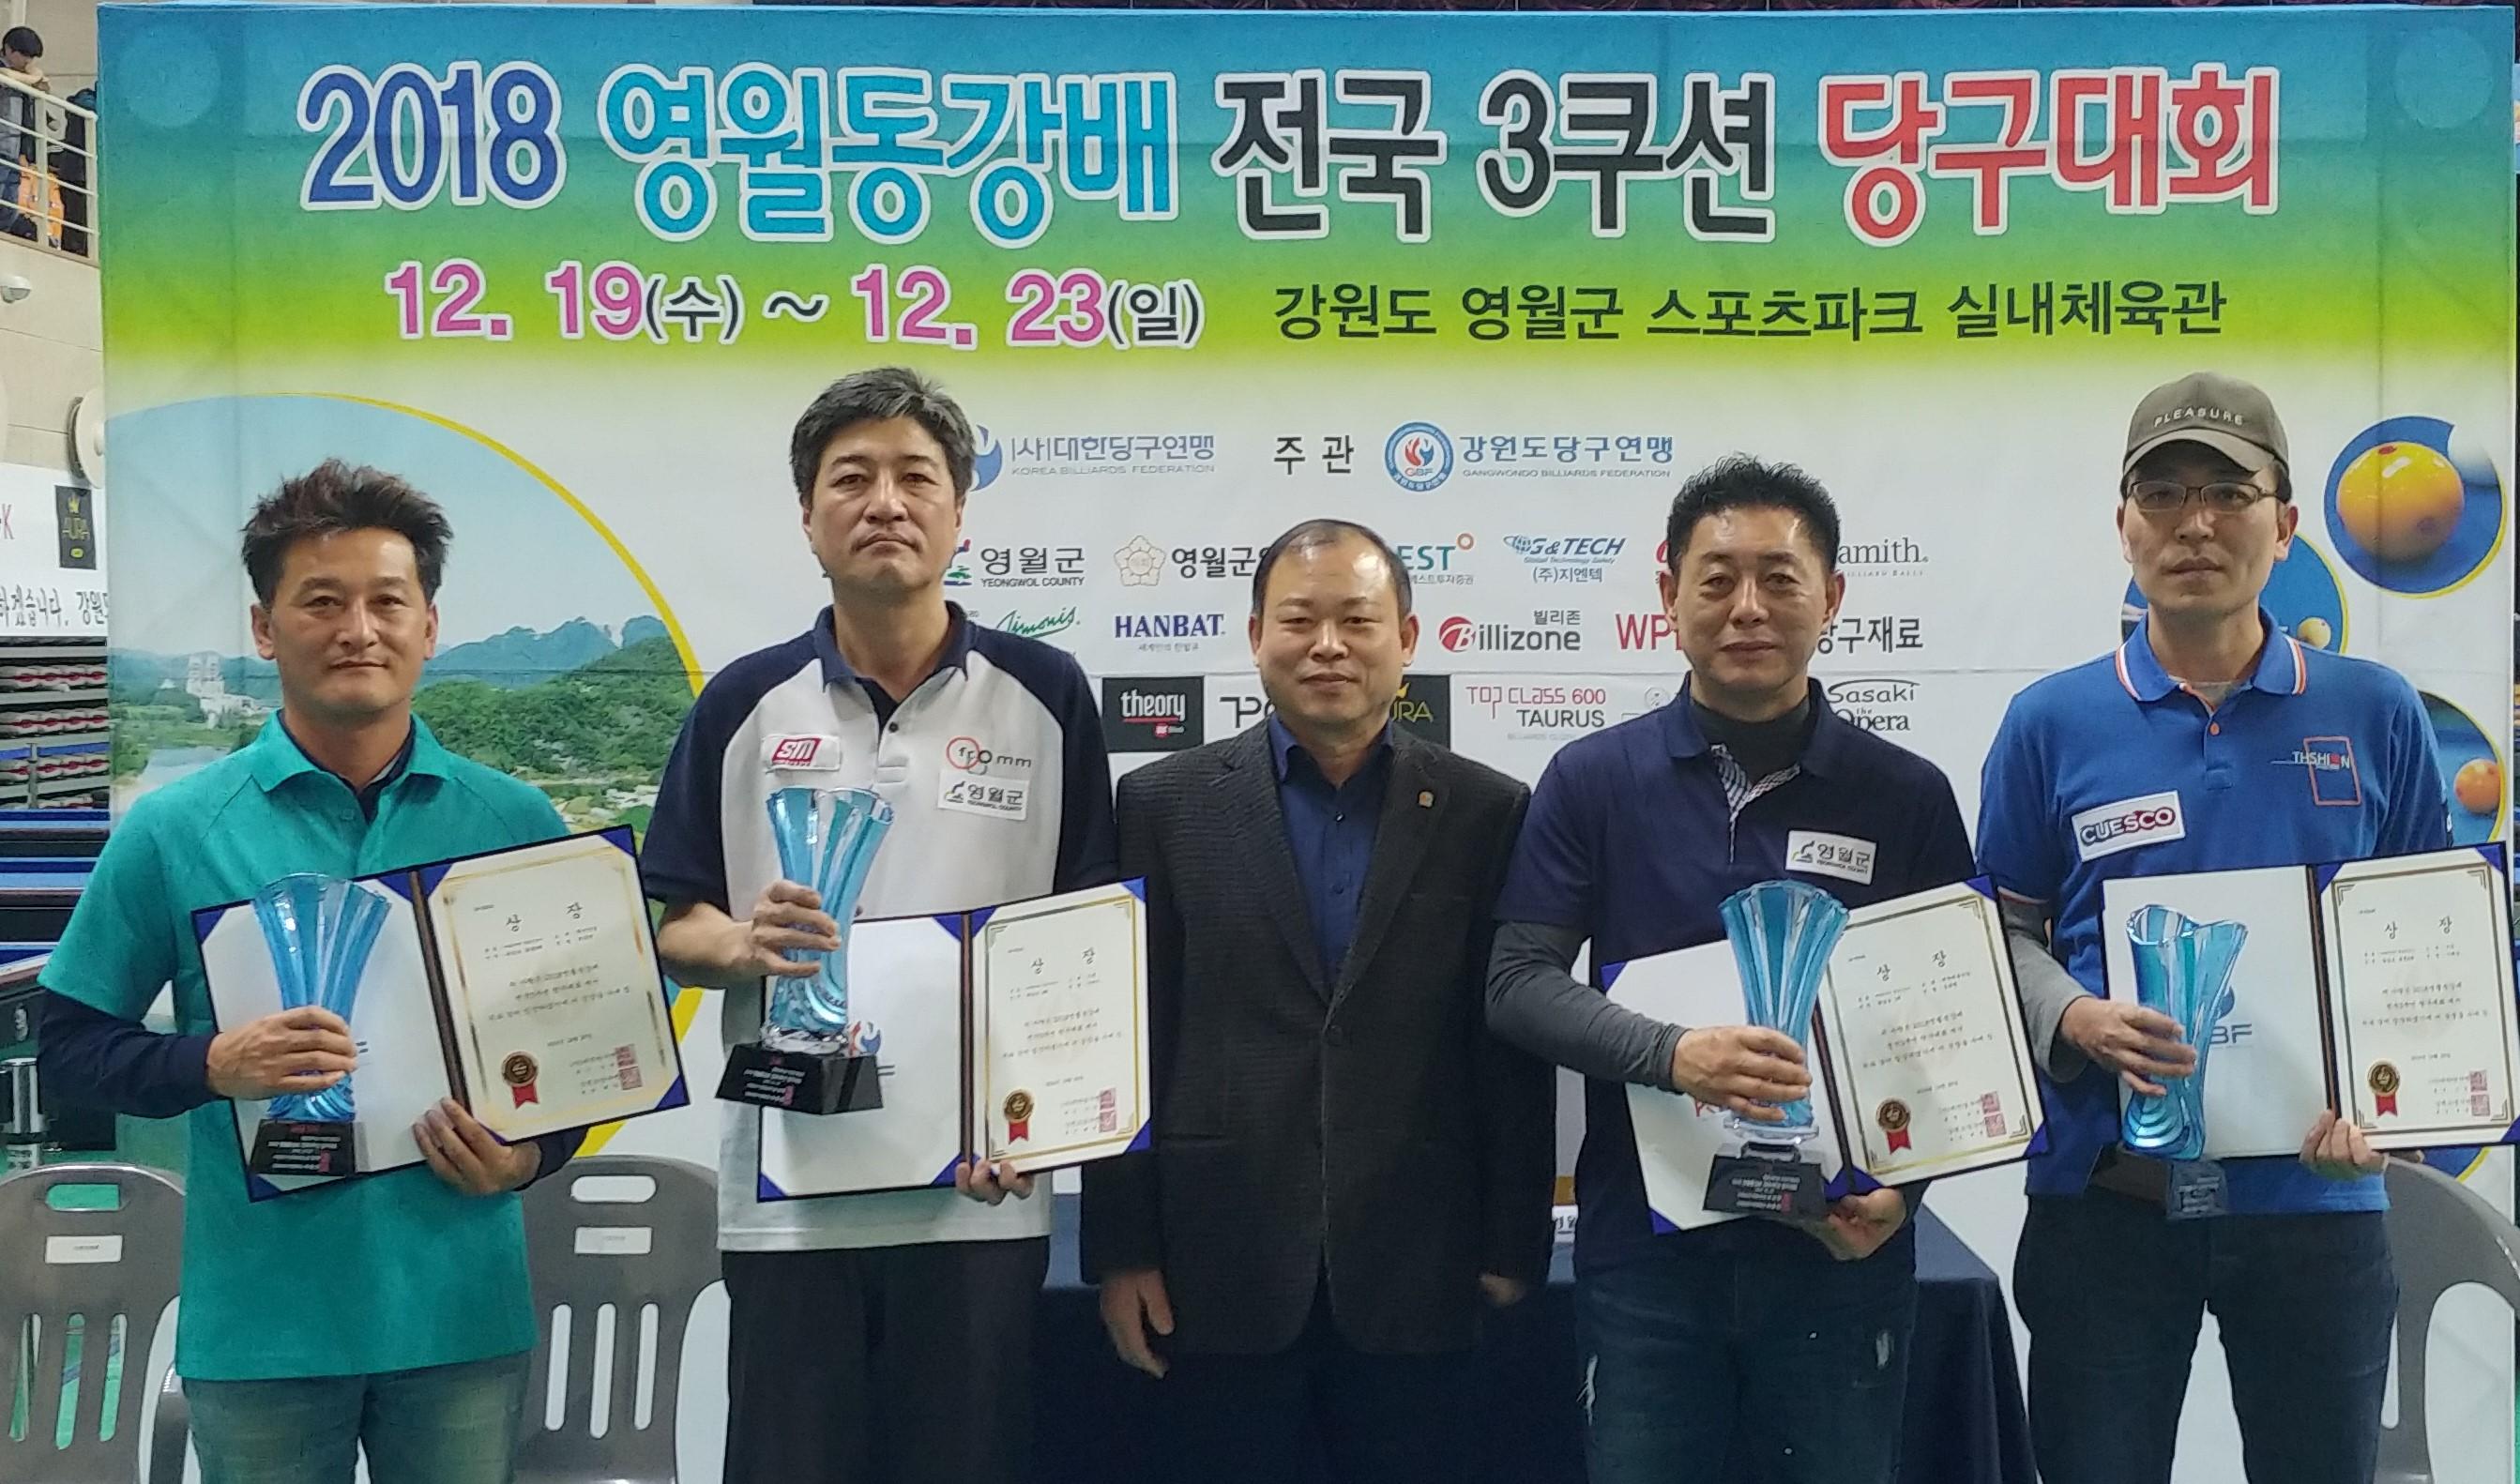 '대전캐롬' 김동현 동호인, '영월동강배 3쿠션' 우승